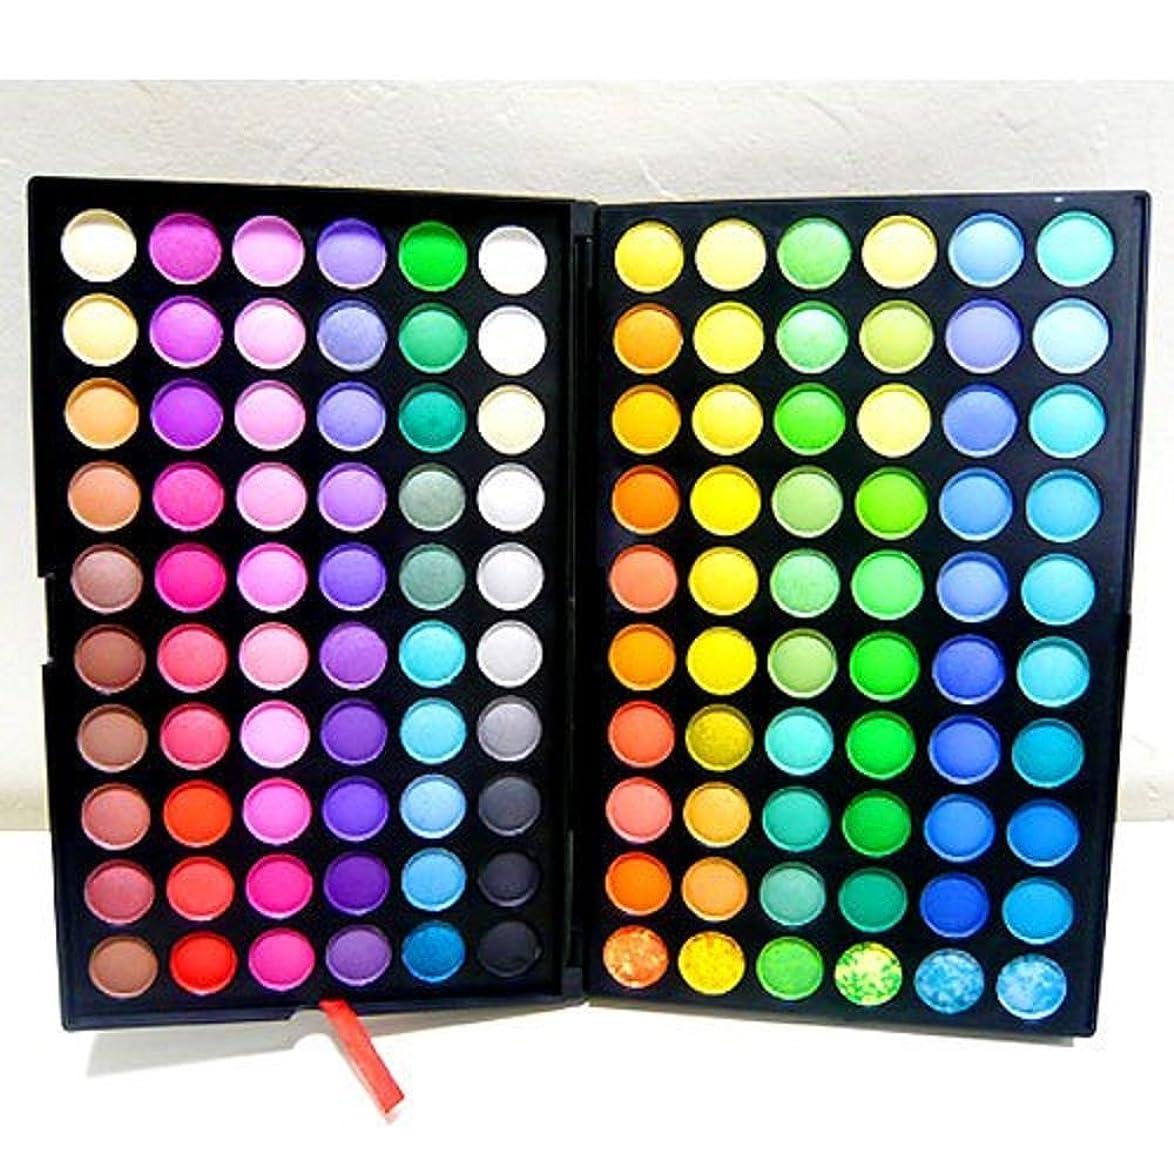 スタウト真実週末入荷しました【LuxuryRose】発色が素晴らしい!120カラーアイシャドウパレット